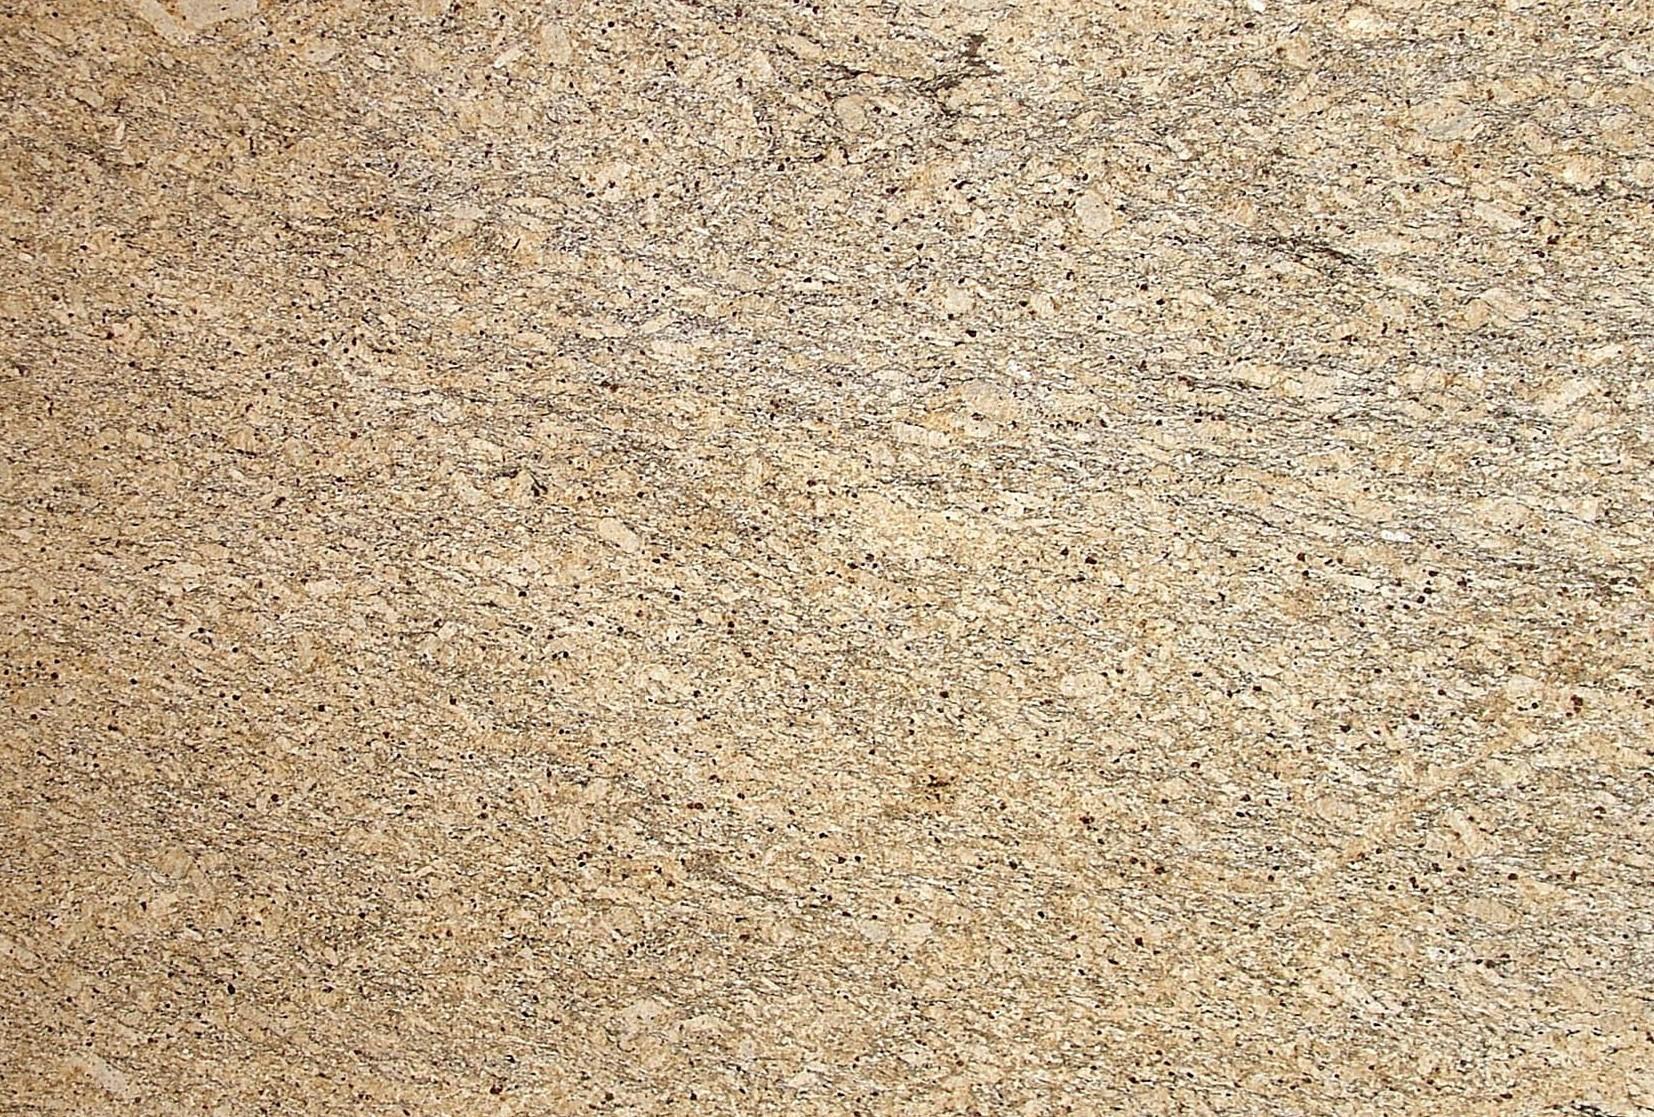 Granites marmocasa lavorazione marmi graniti e pietre for Granito santa cecilia